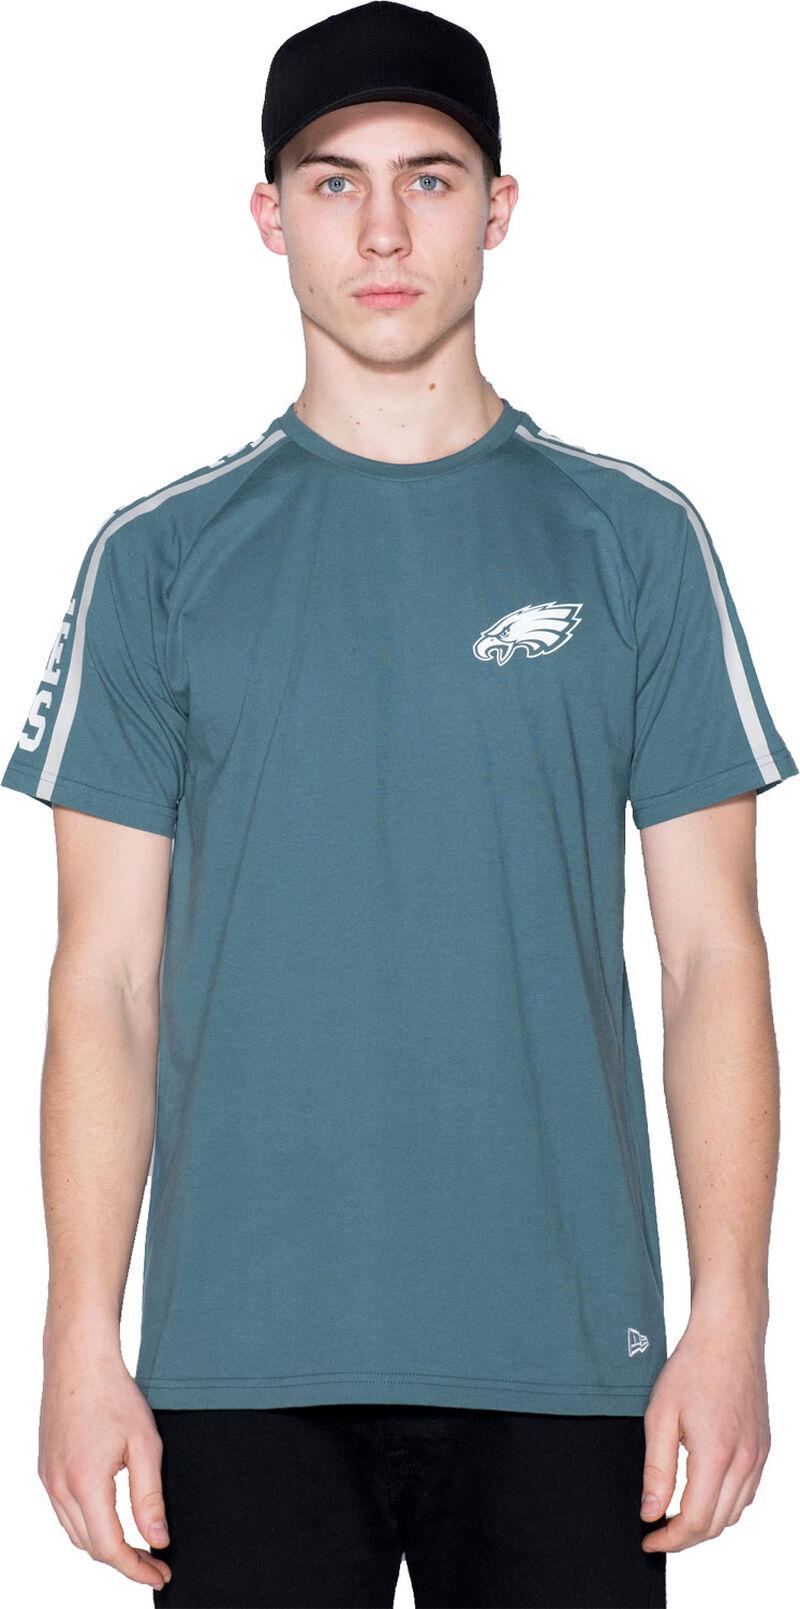 NFL Raglan Shoulder Print Philadelphia Eagles